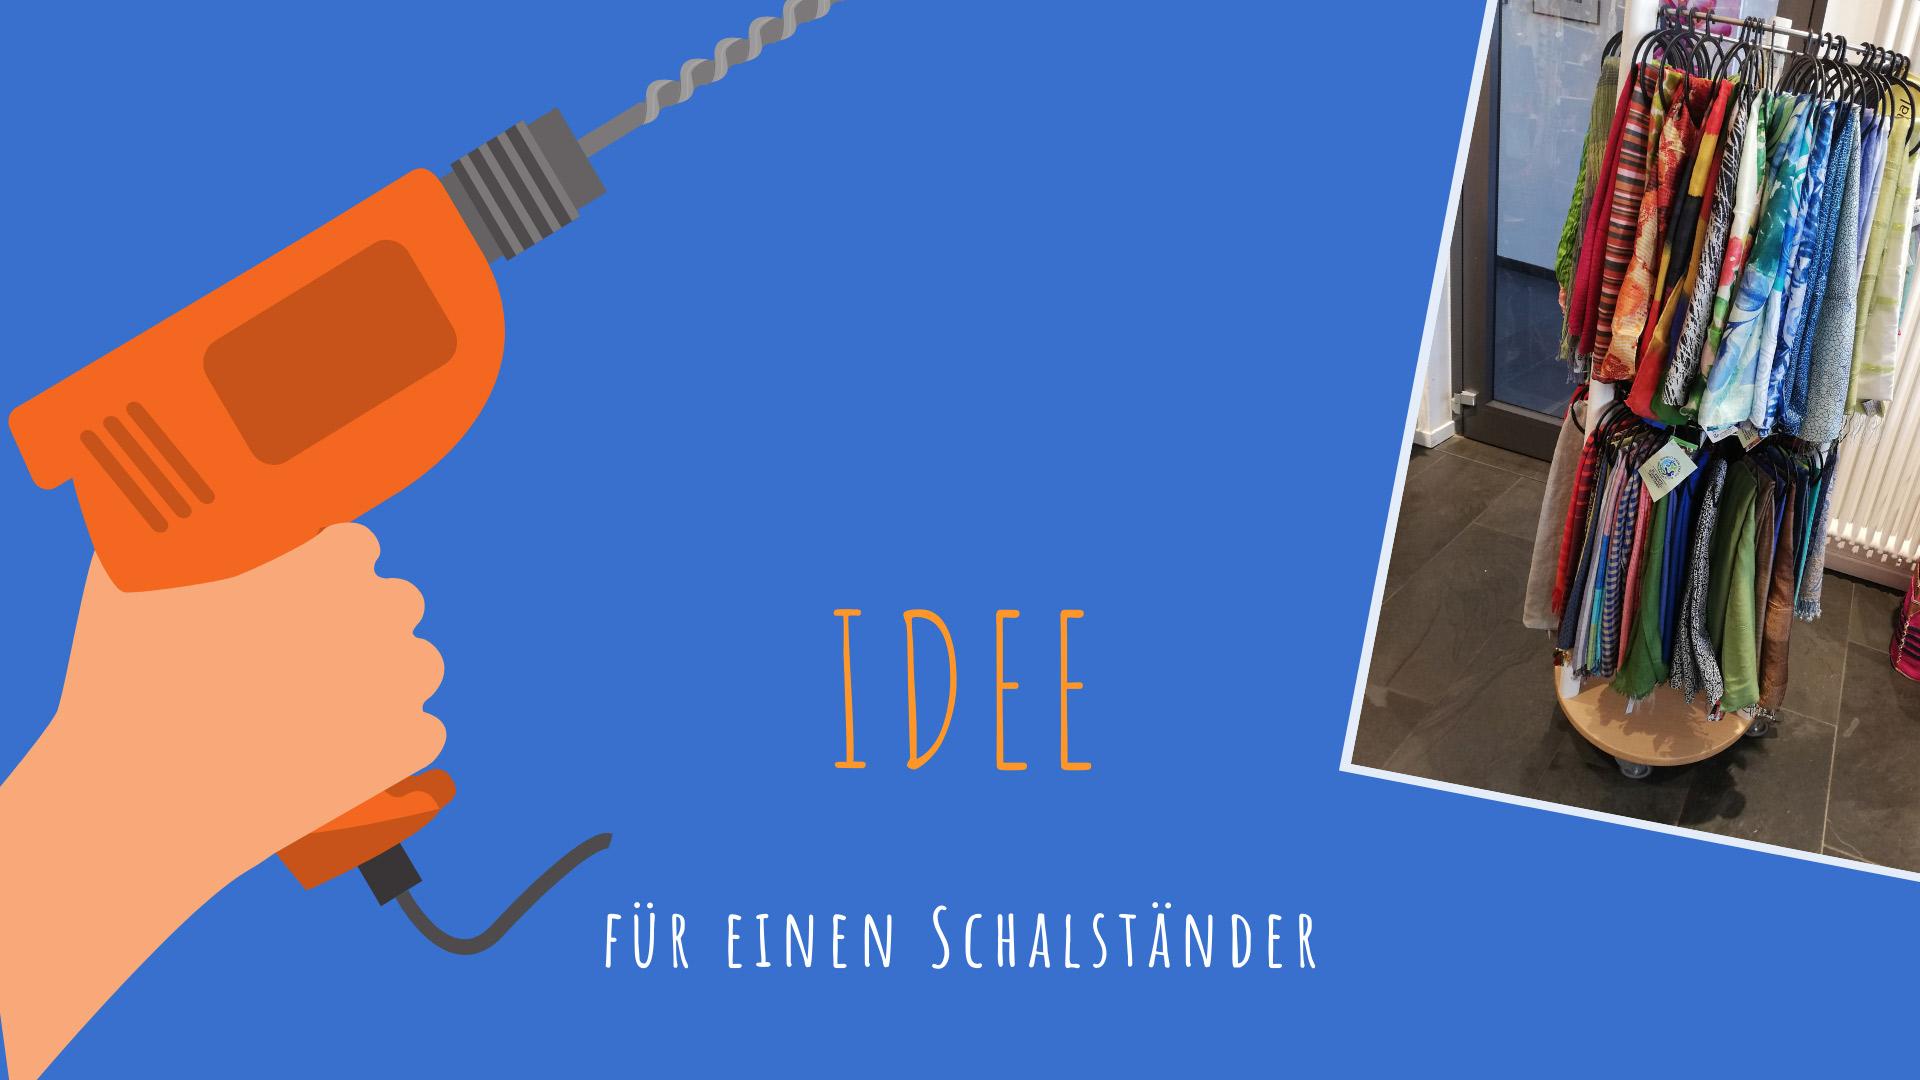 Schalpräsentation Teil 3: Idee für einen Schalständer